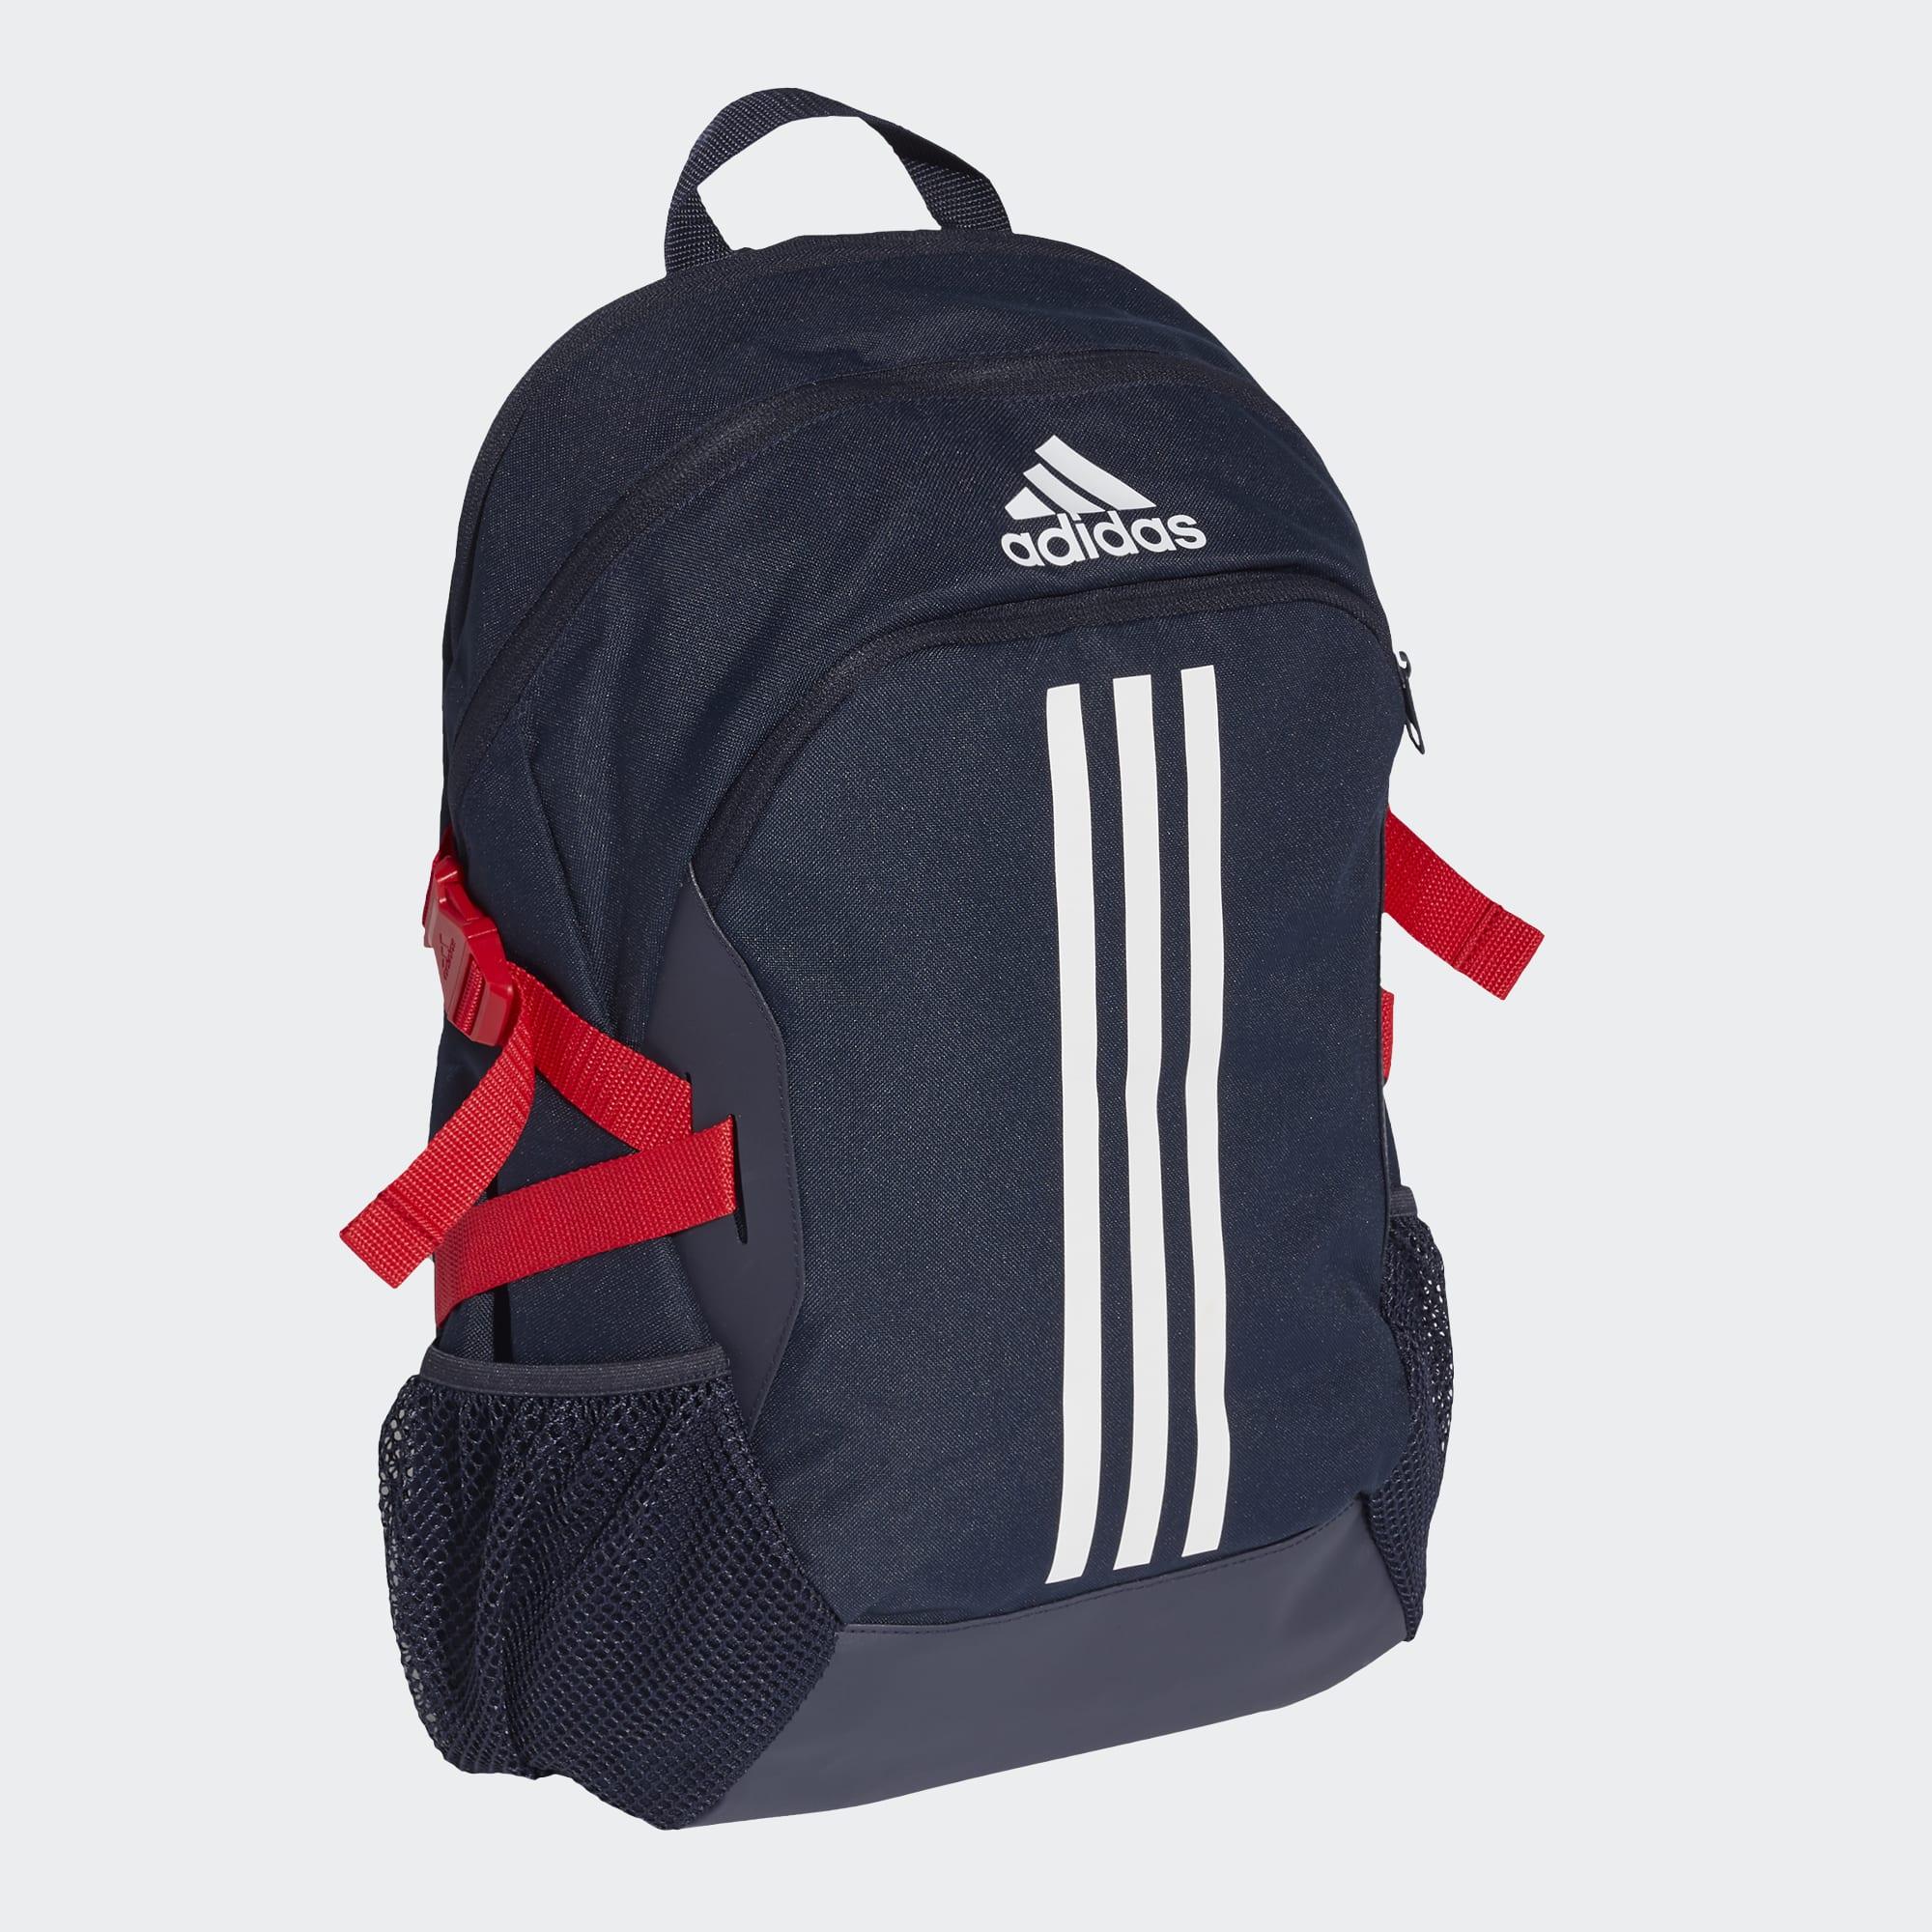 Adidas Power 5 Rucksack